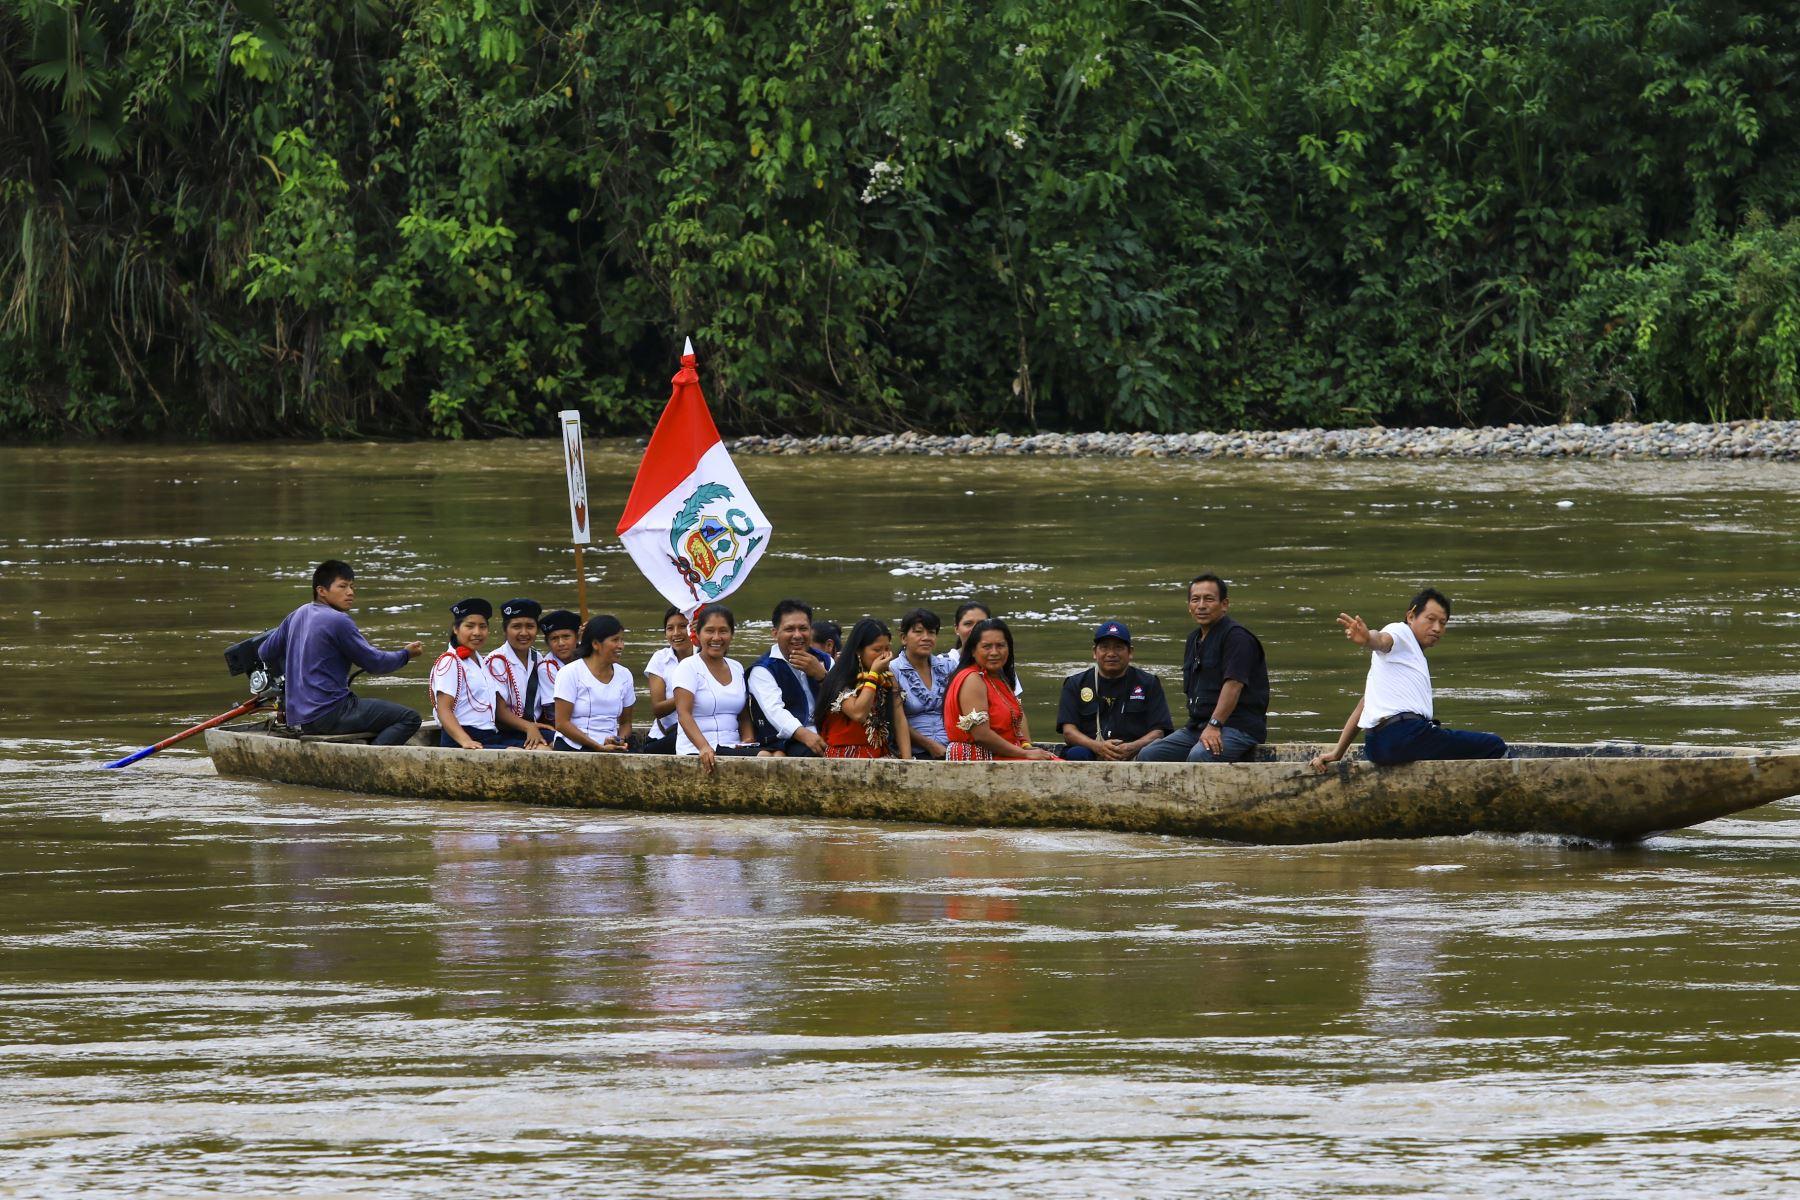 Alumnas del Colegio San José, cruzan el rio Marañon para dirigirse a clases. Foto:ANDINA/Juan Pablo Azabache